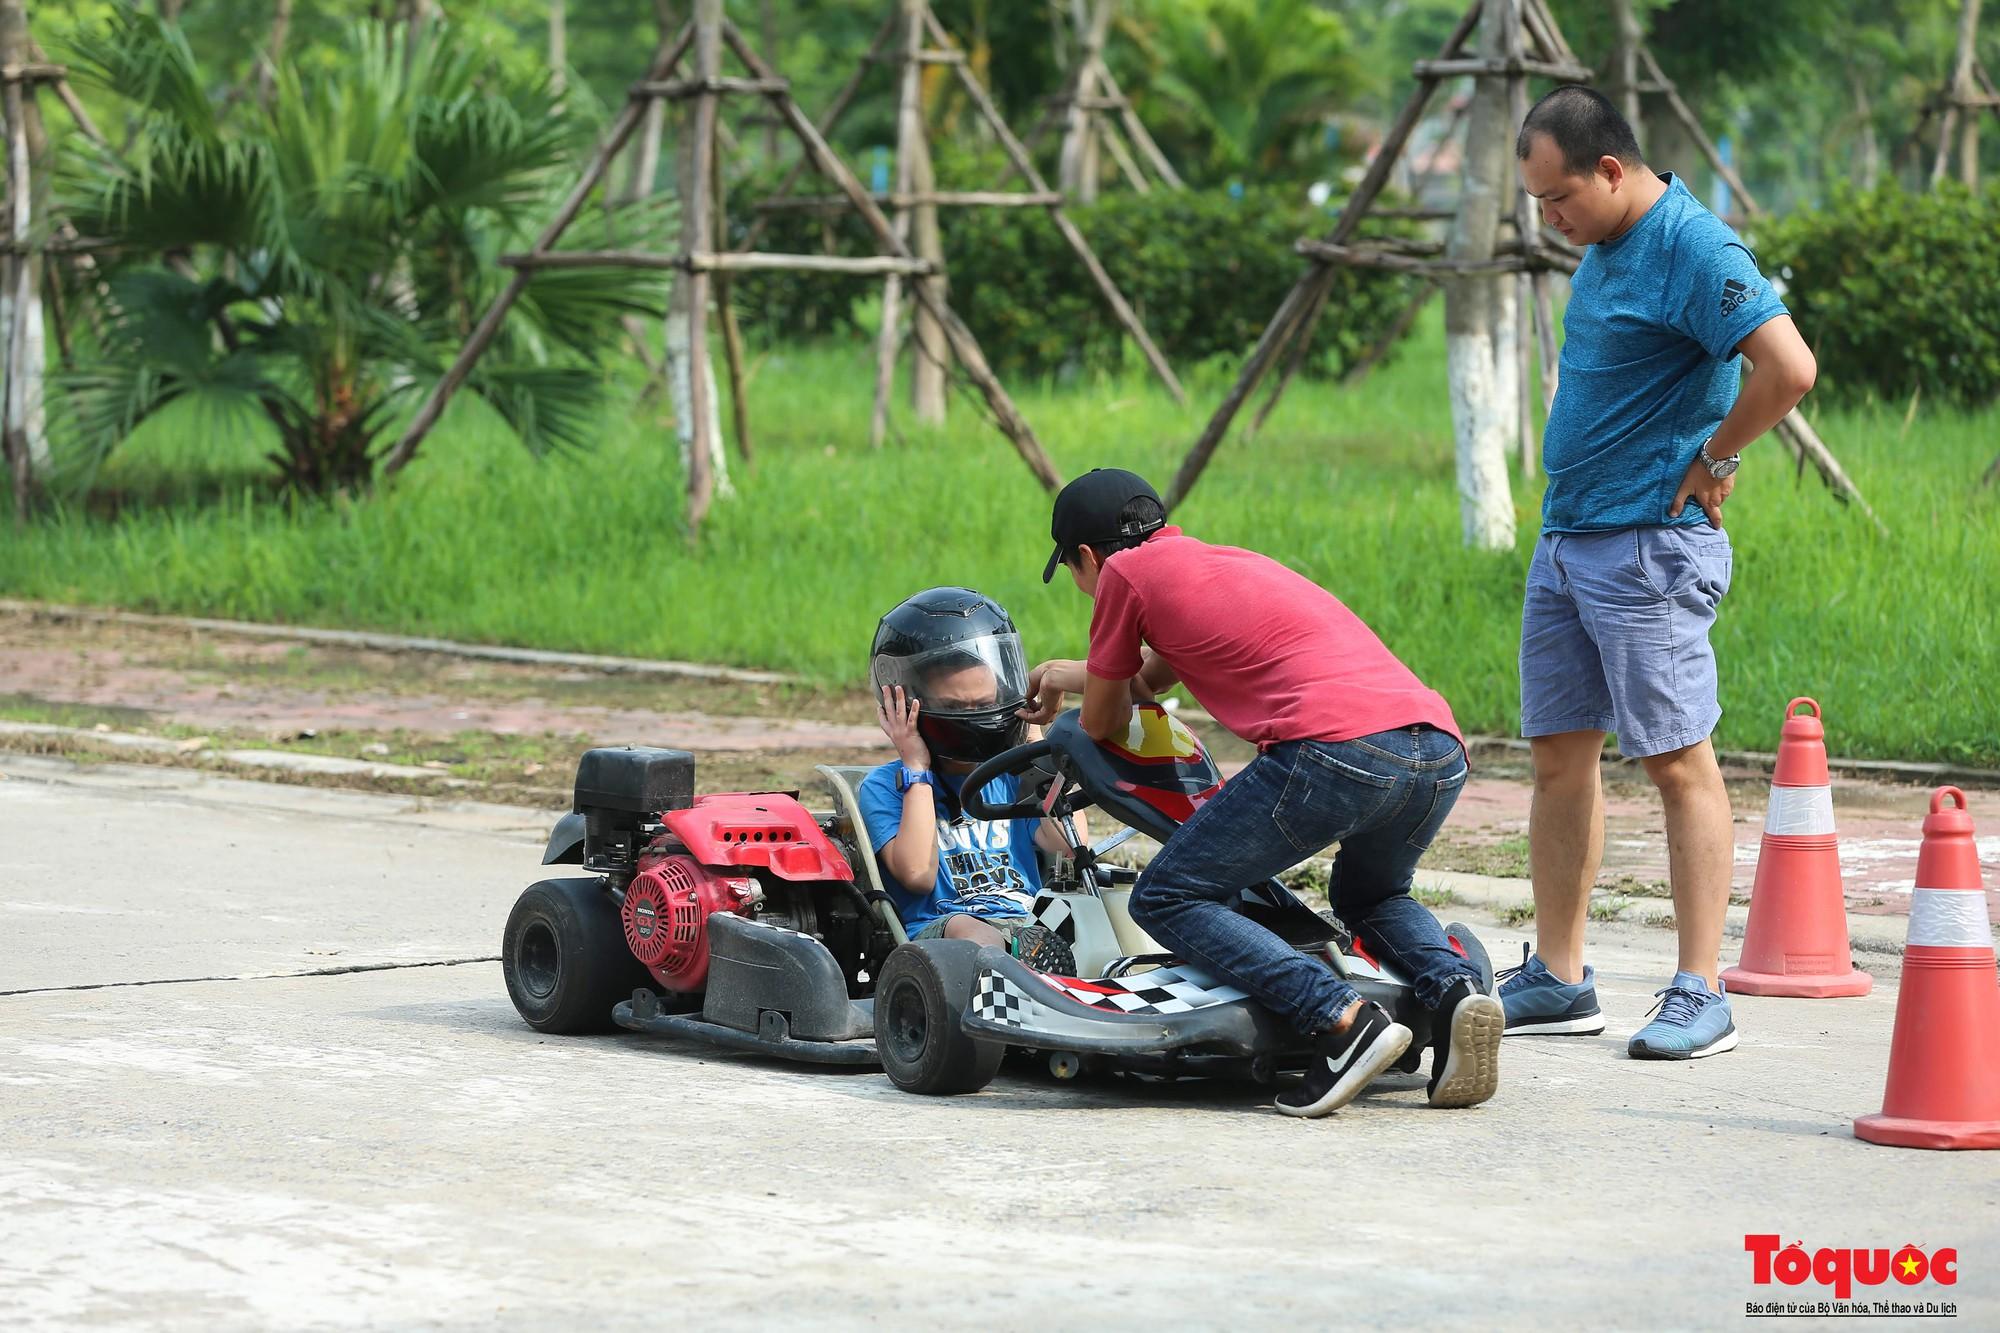 Lò đào tạo các tay đua F1 nhí đầu tiên tại Hà Nội (18)